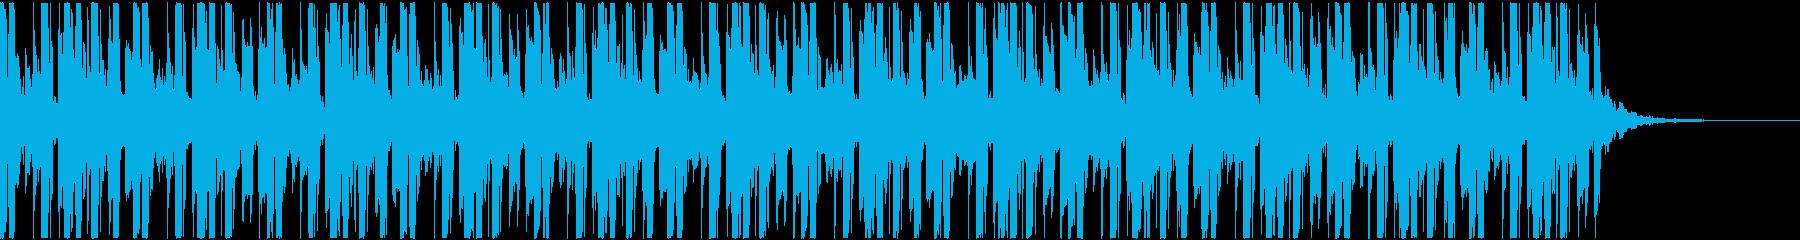 ハイテンポな電子ジャズっぽいBGMの再生済みの波形